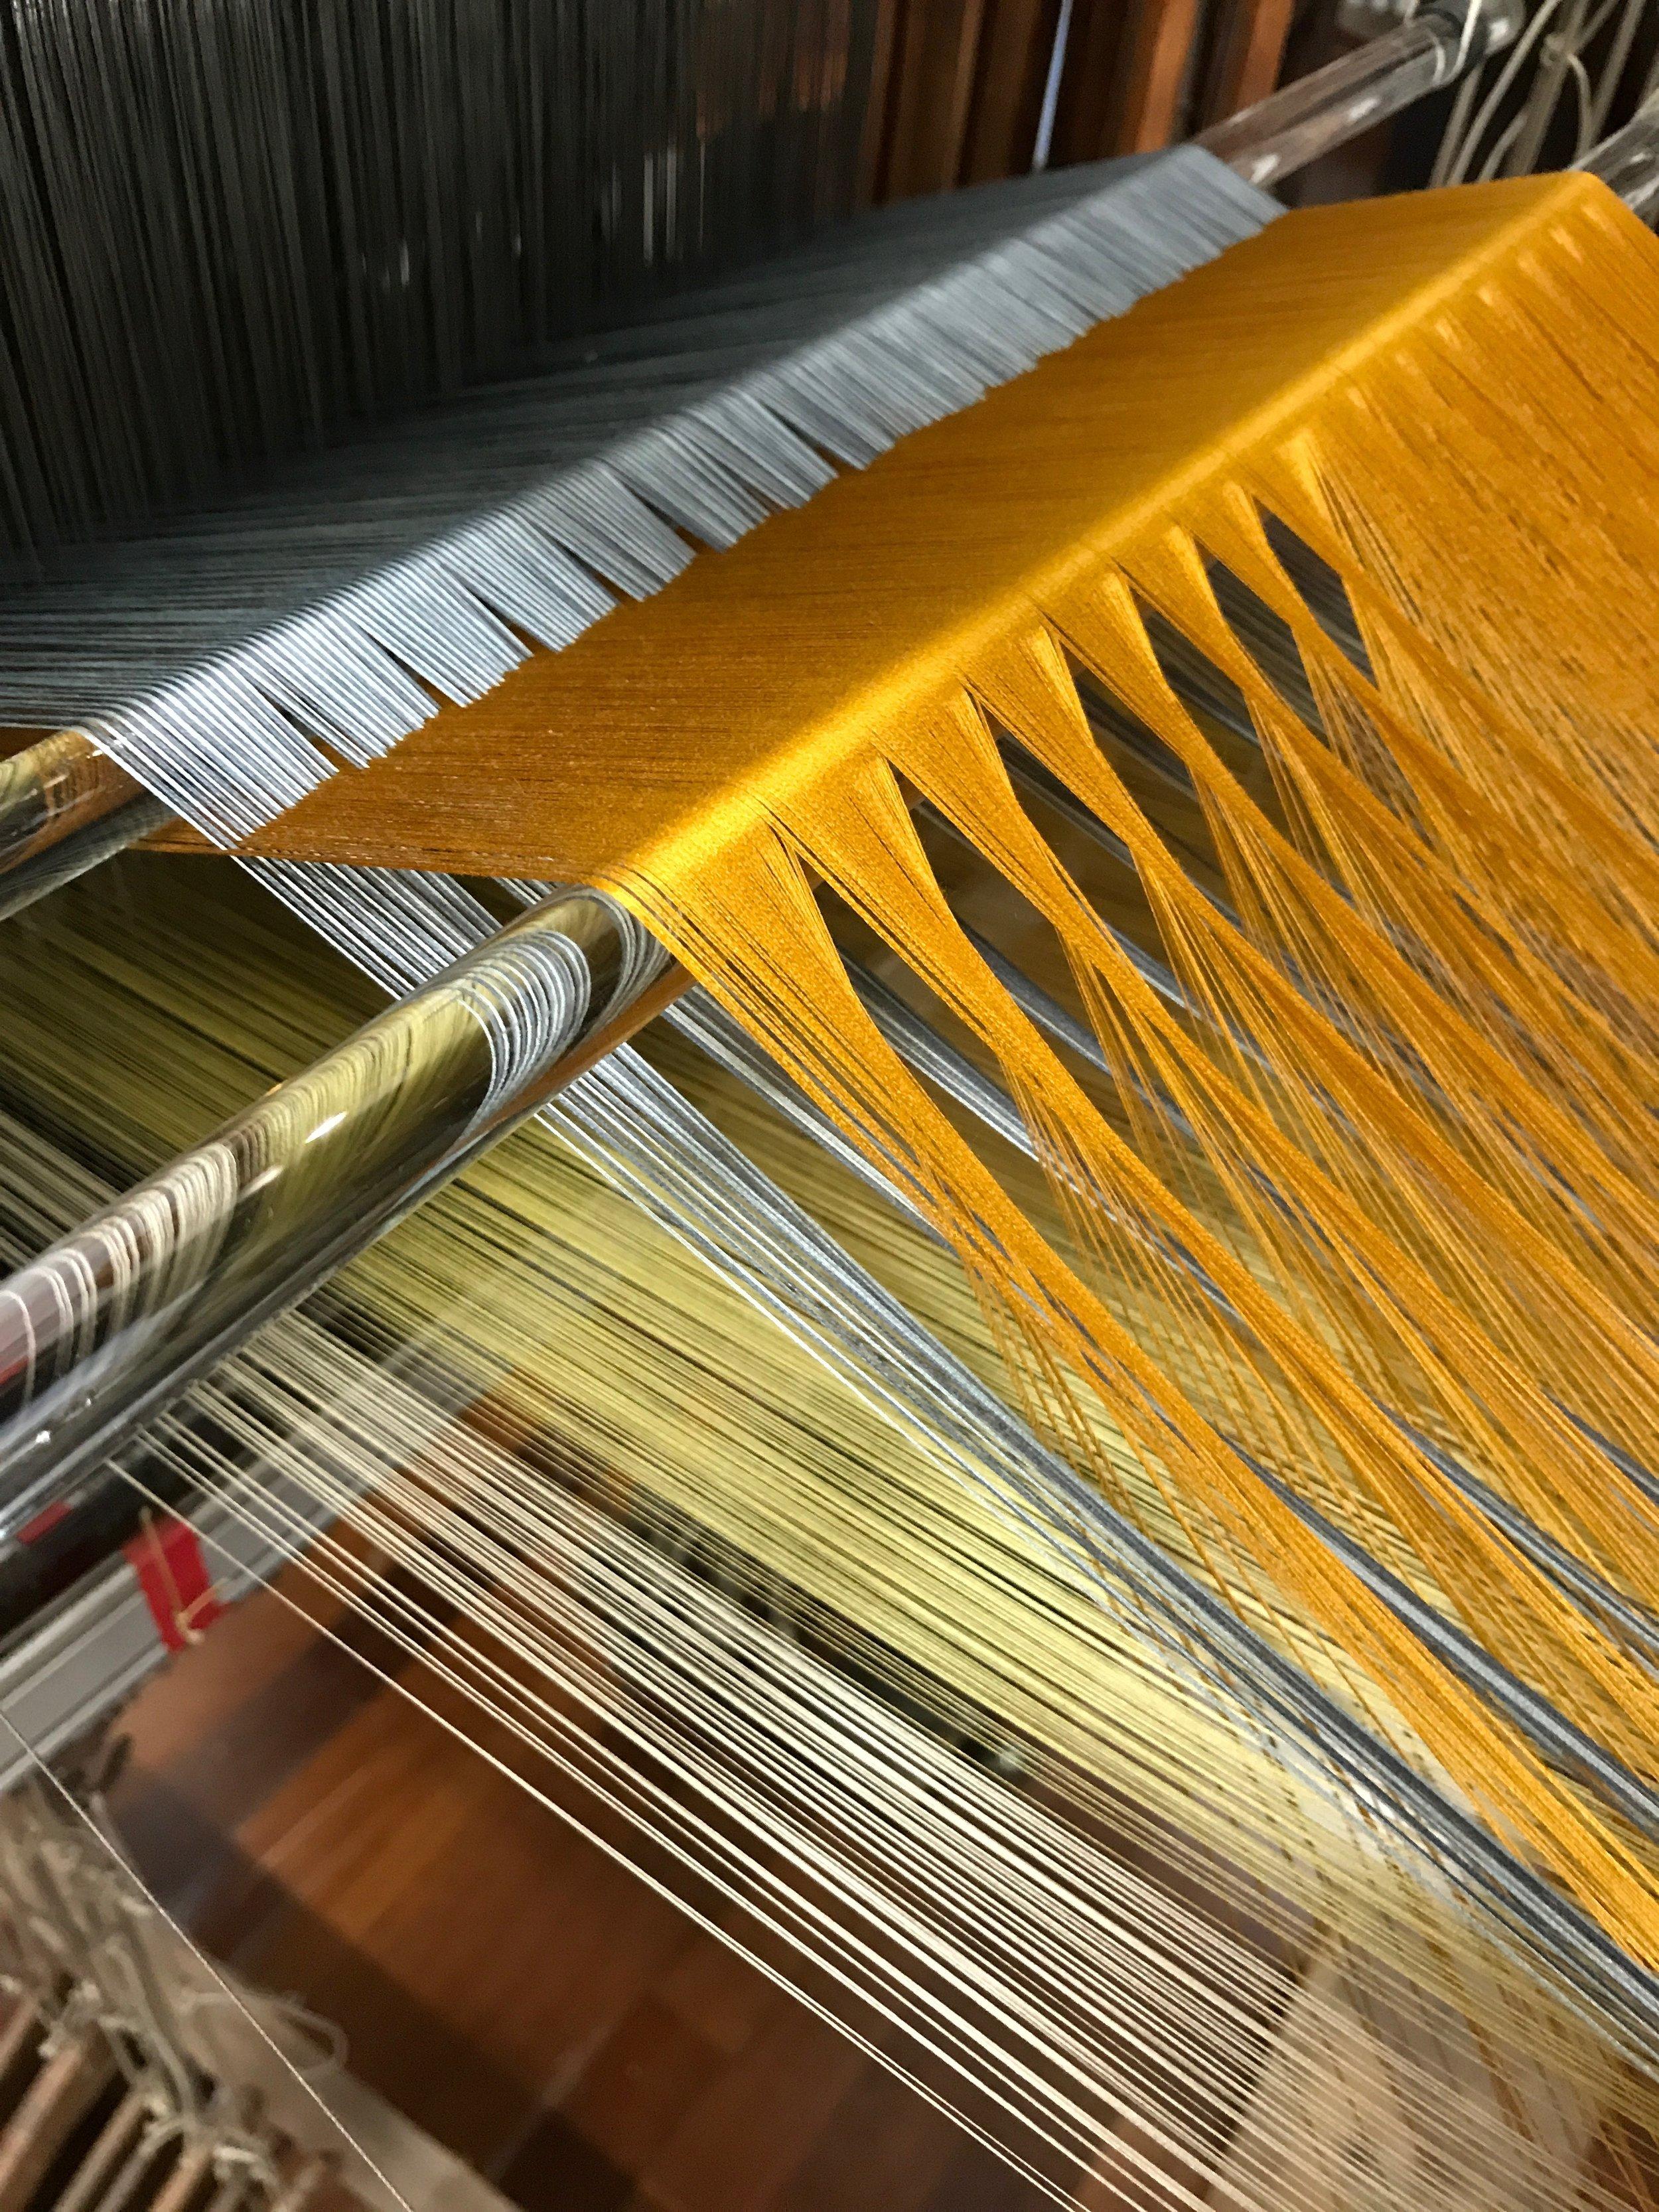 Warp setup for velvet weaving